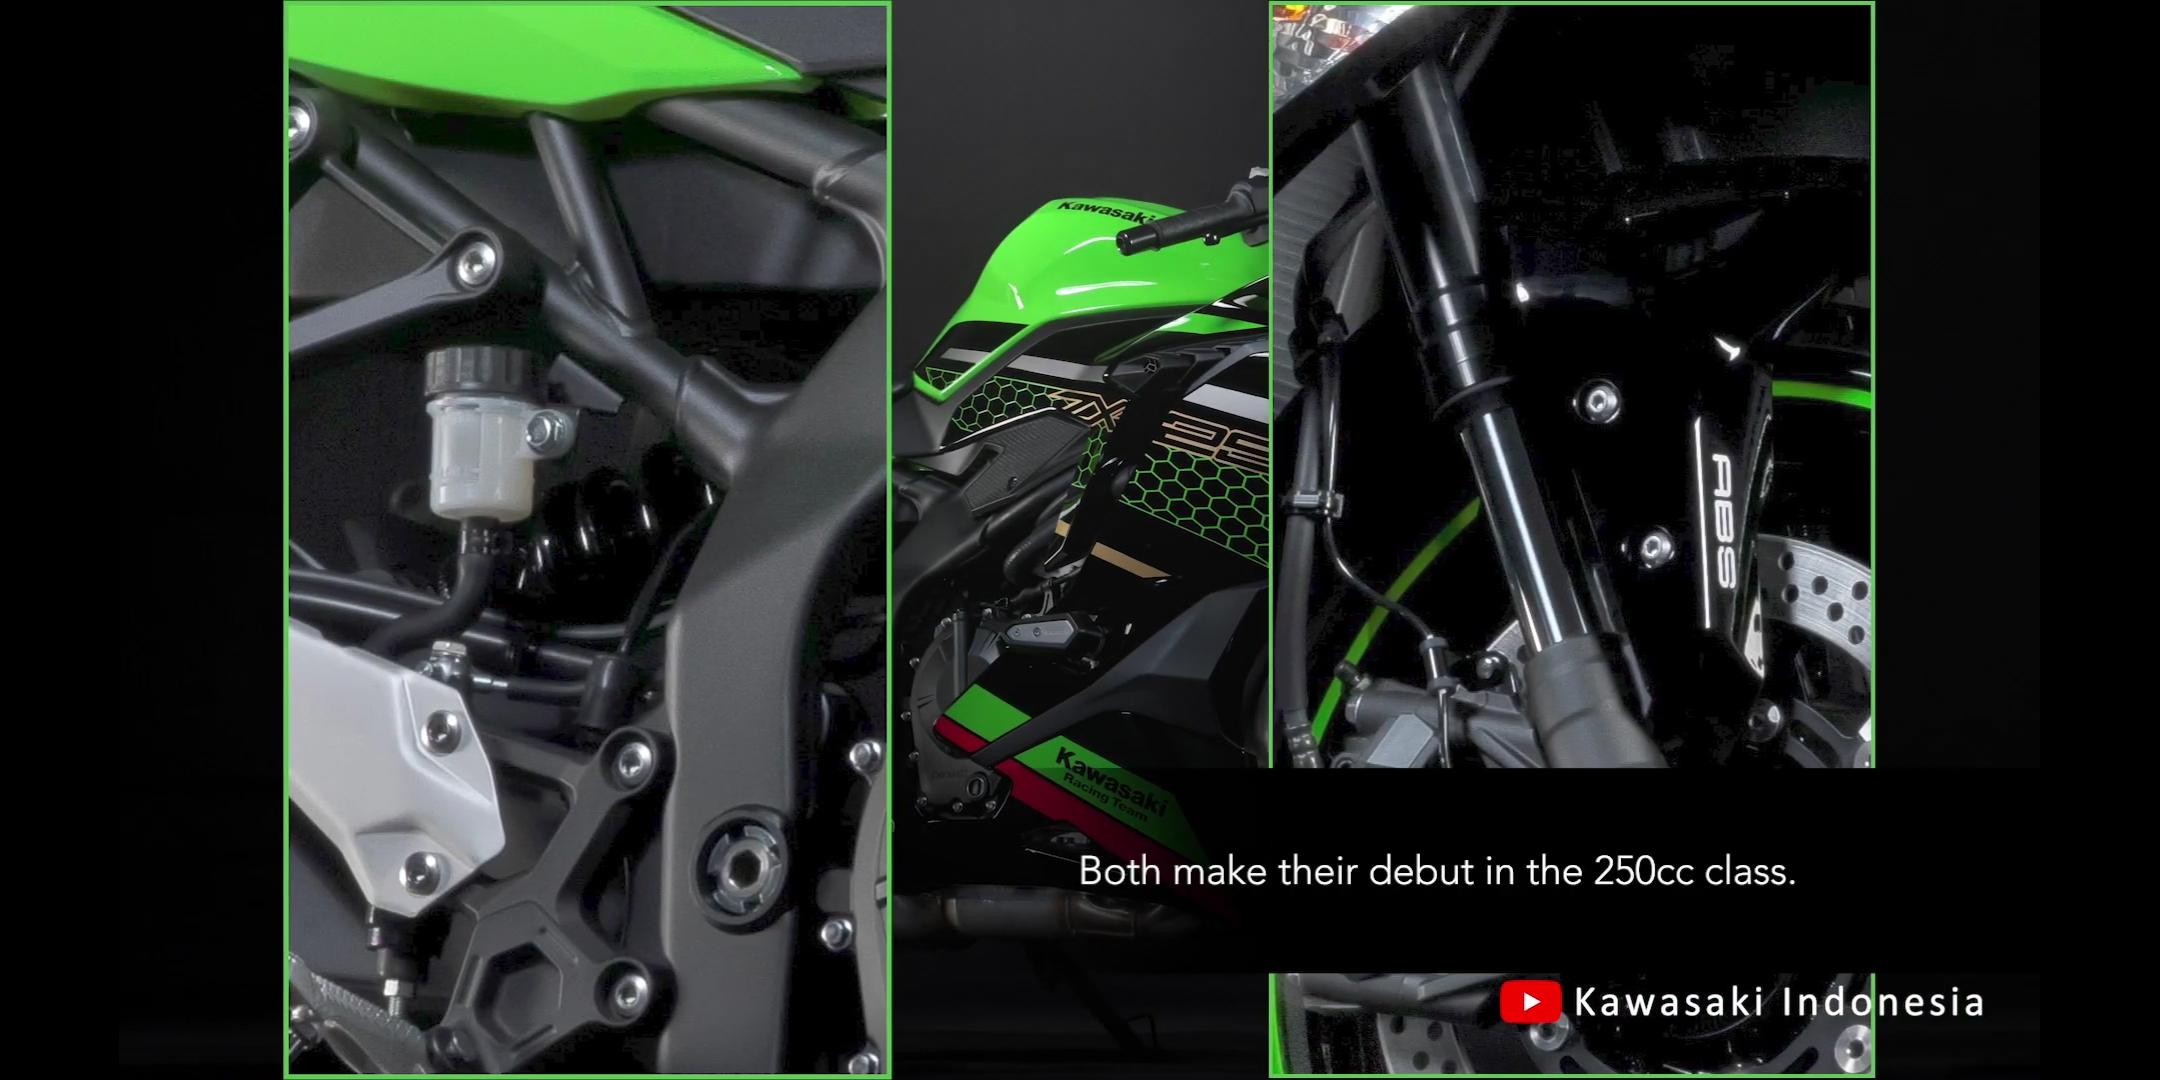 Kawasaki(カワサキ) 250cc 4気筒 ZX-25Rサスペンションの紹介映像公開!